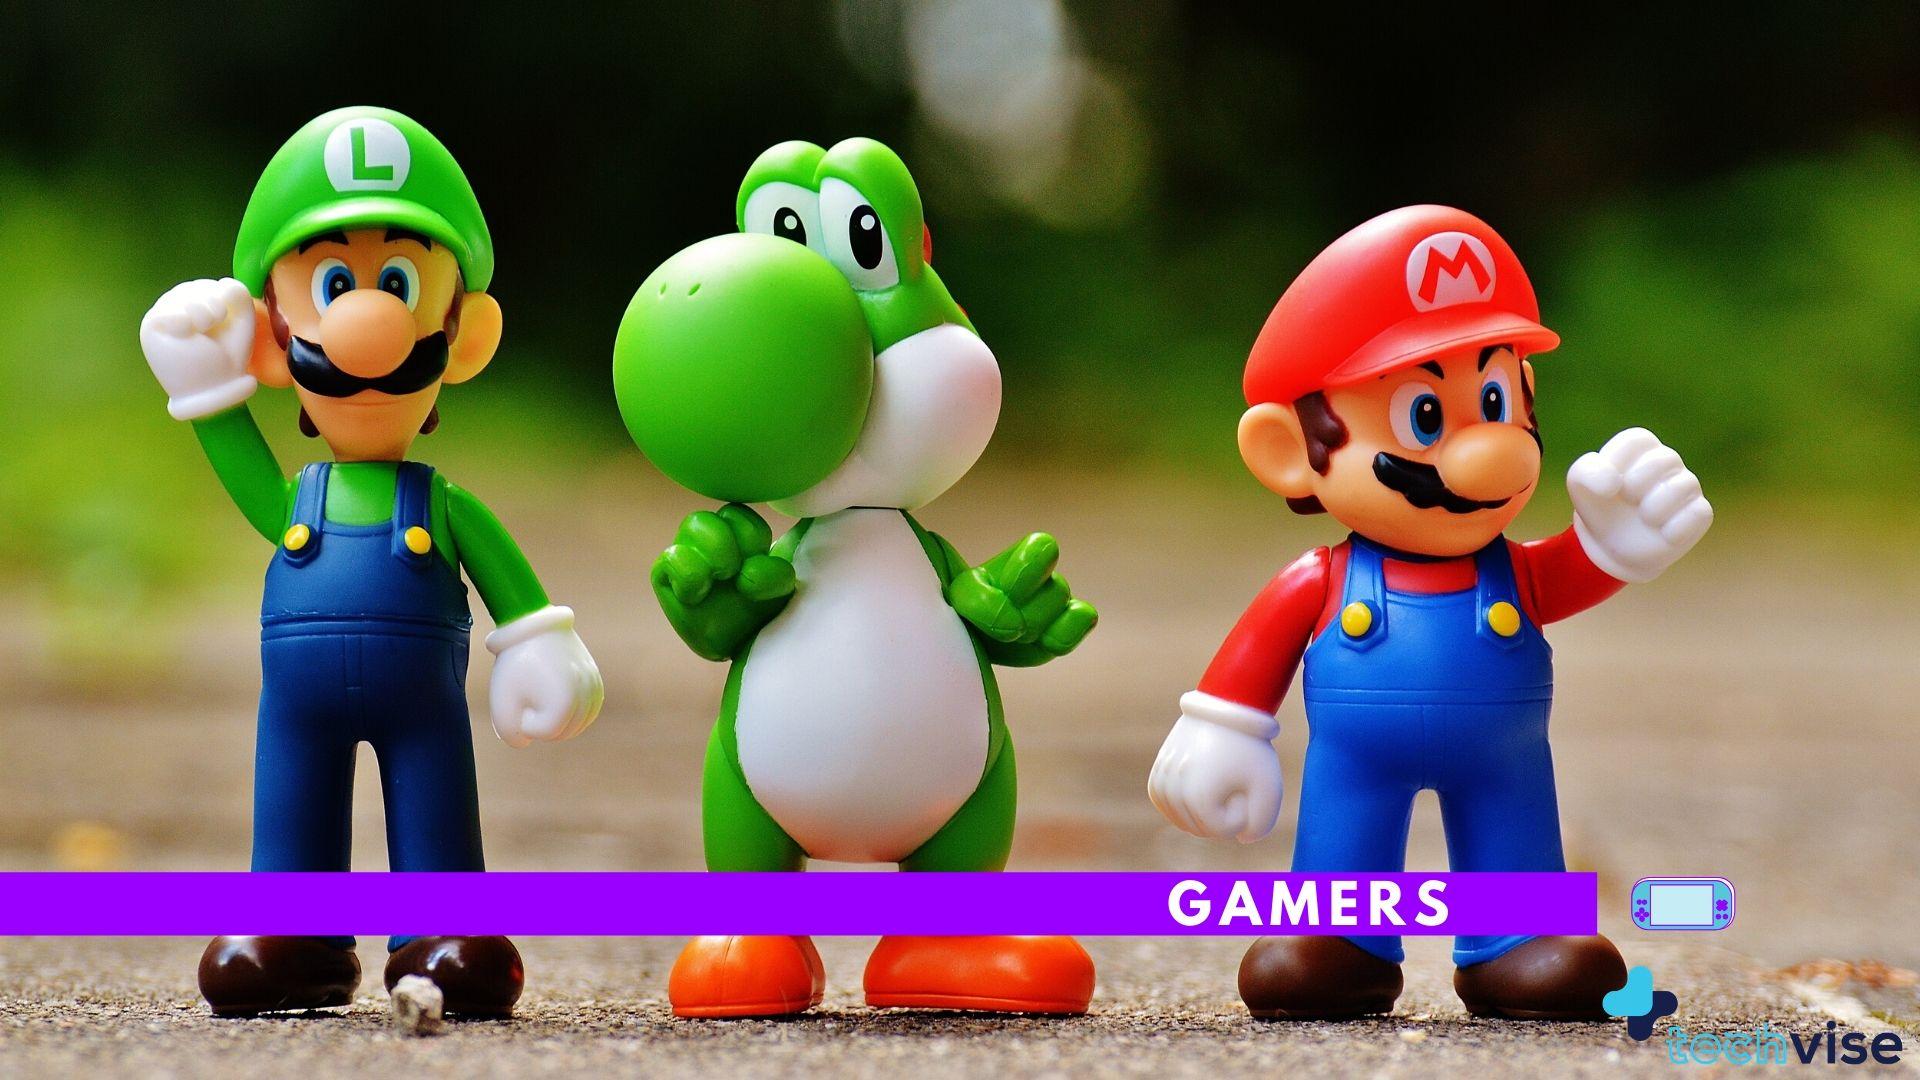 Buy Nintendo Games Online